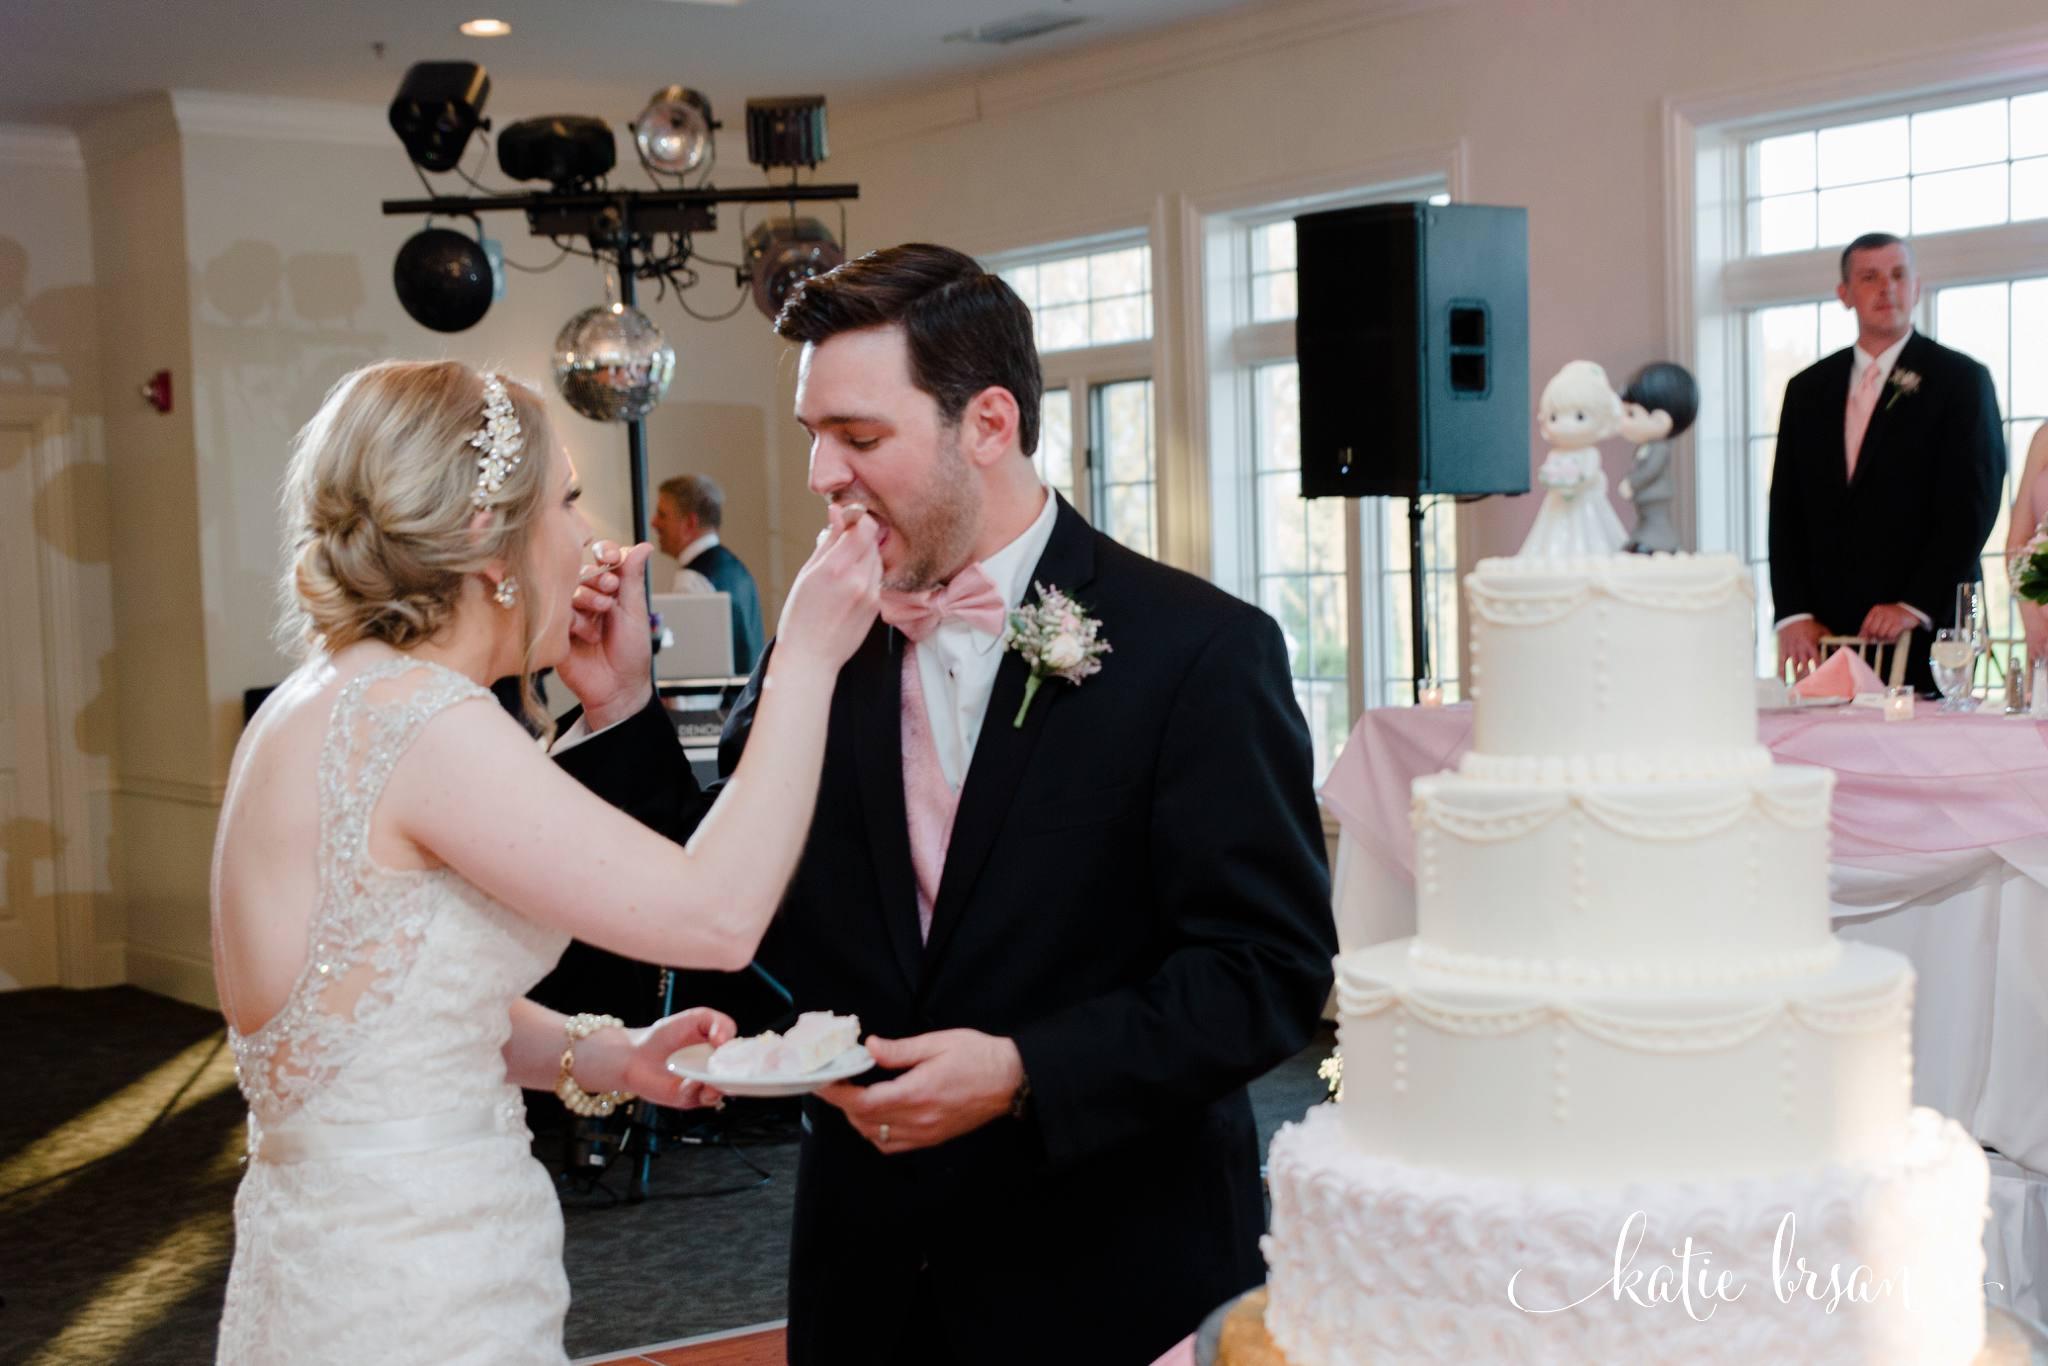 Mokena_Lemont_Wedding_Ruffled_Feathers_Wedding_1412.jpg